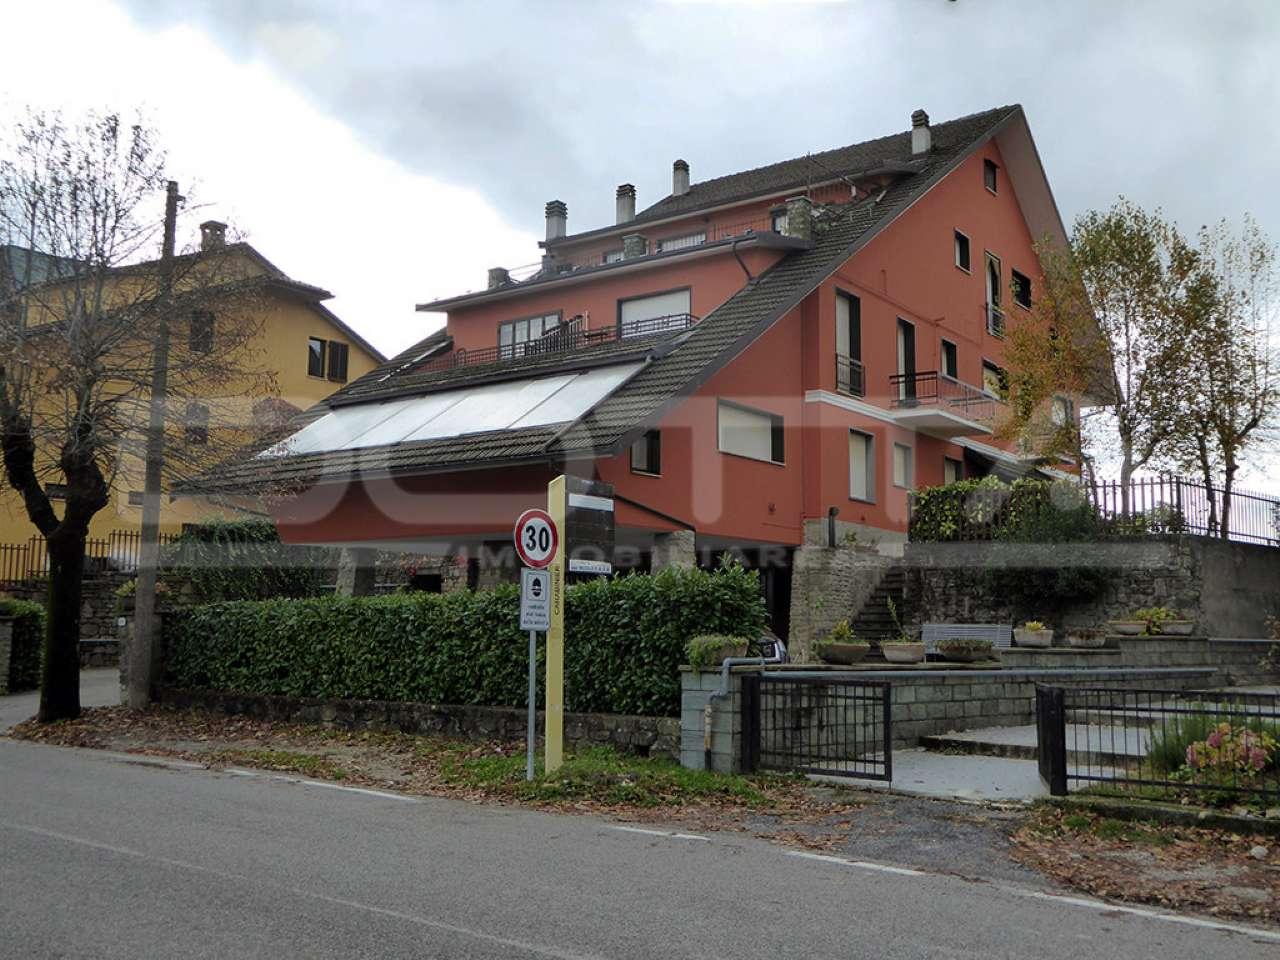 Appartamento in vendita a Bossolasco, 3 locali, prezzo € 48.000 | CambioCasa.it